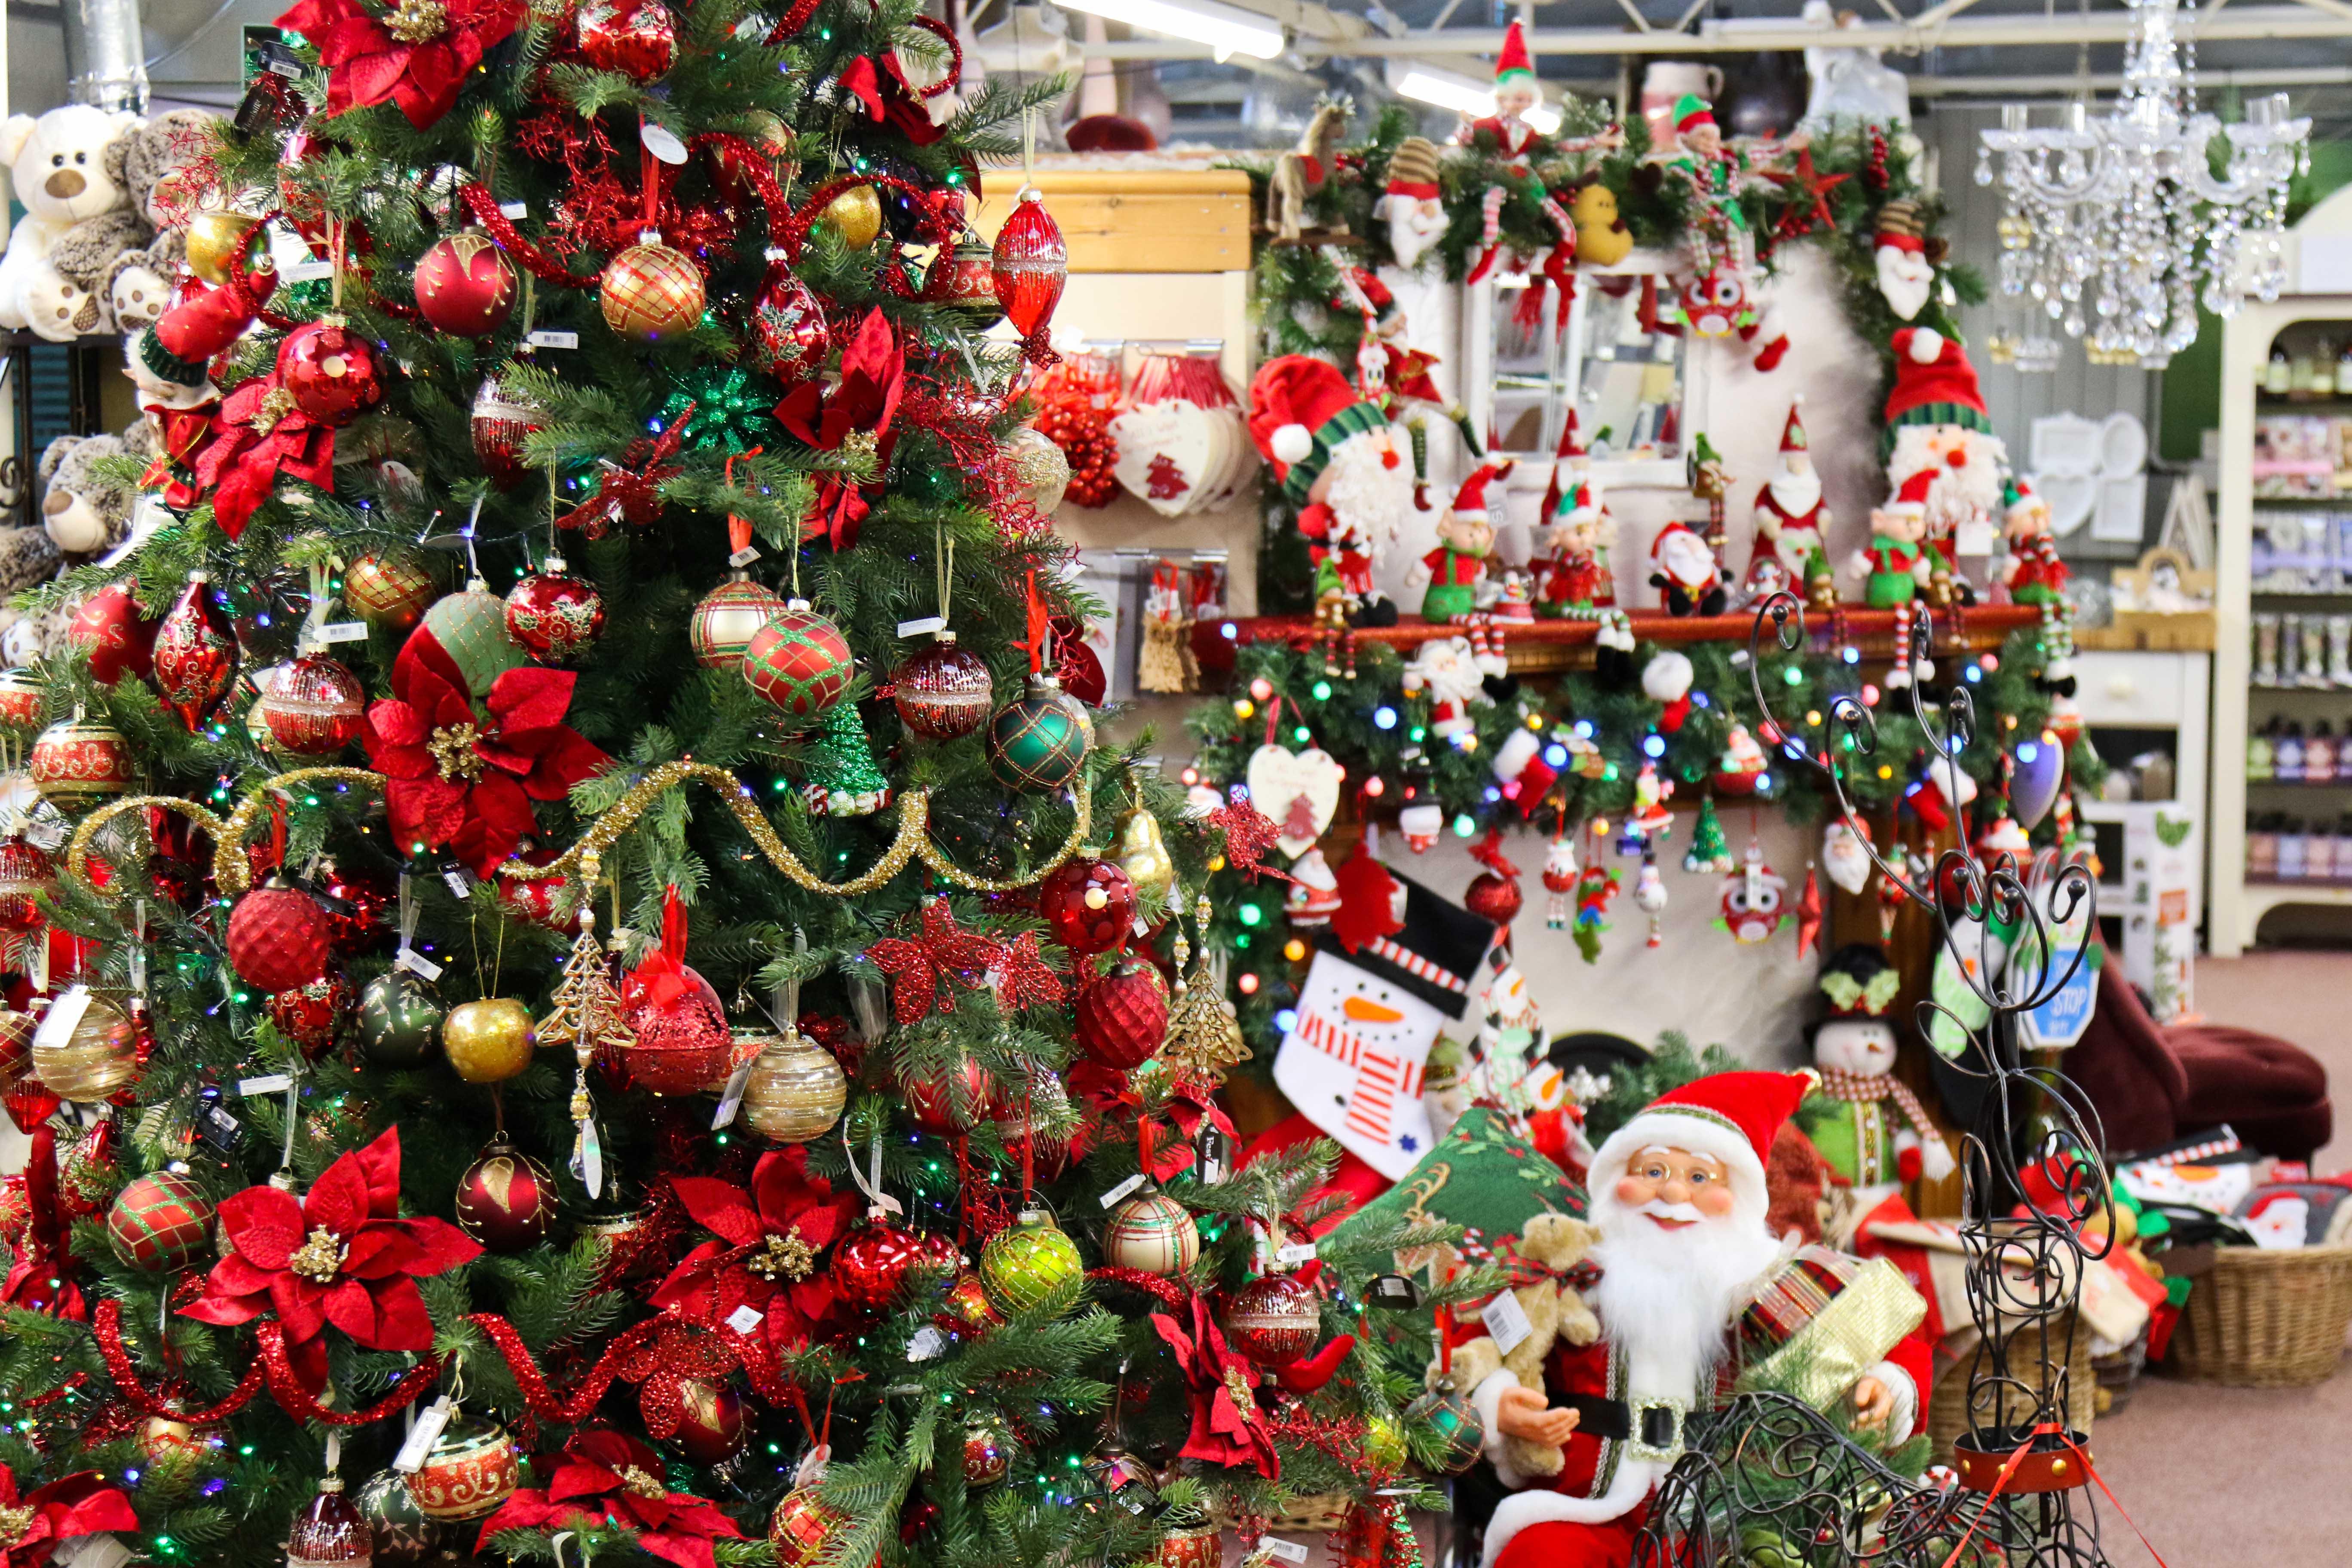 Christmas Tree Decorations Garden Centre Psoriasisguru Com